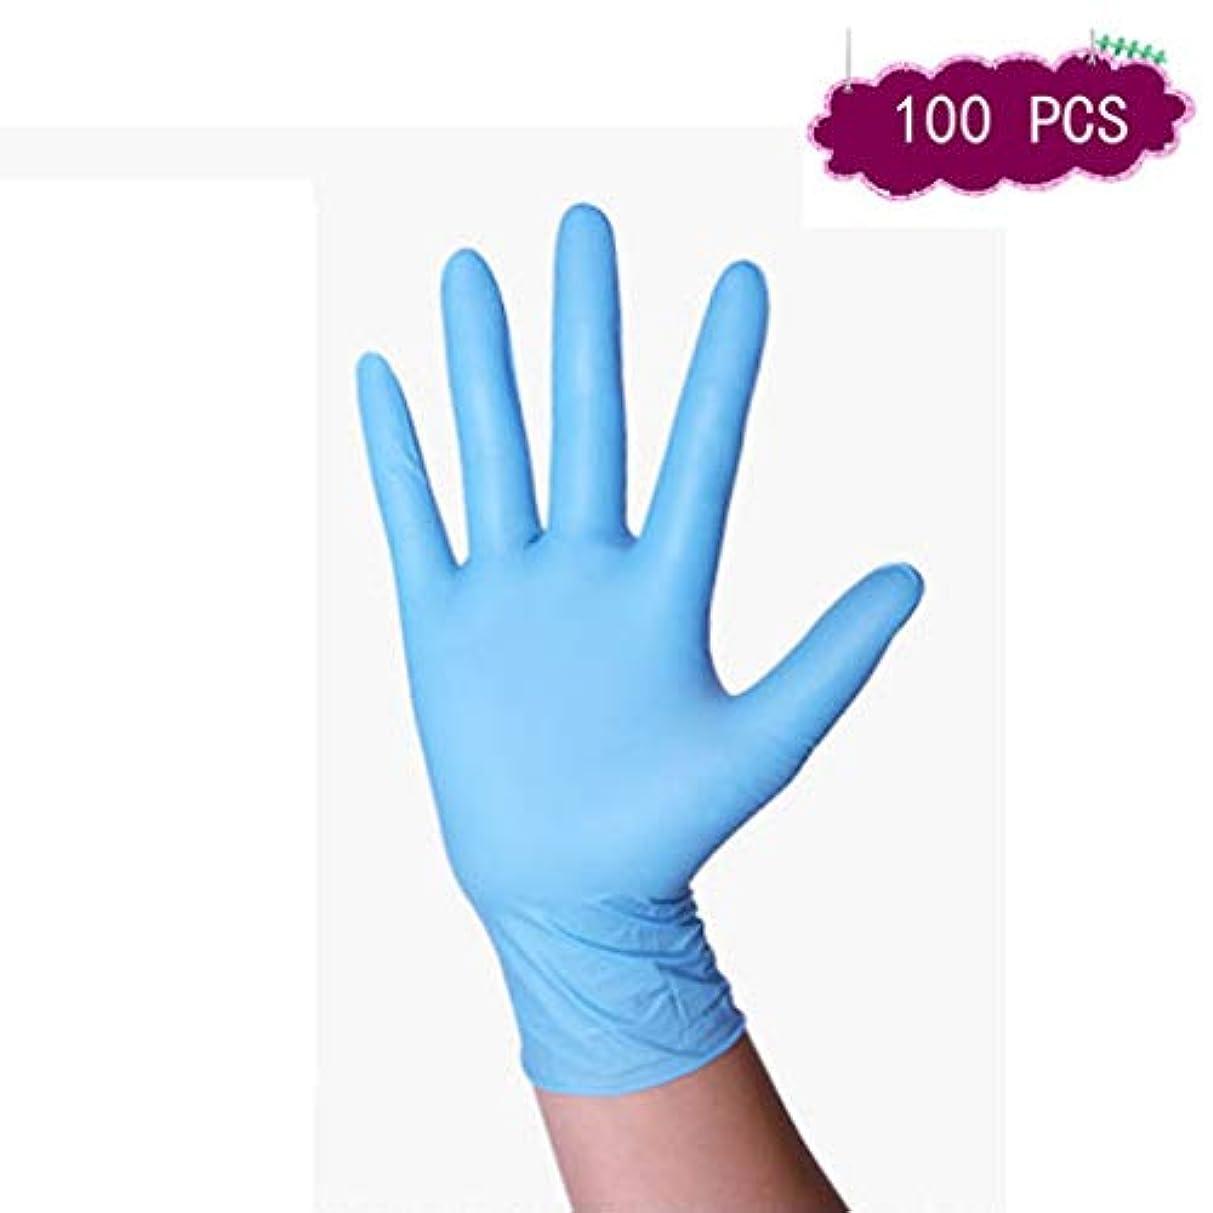 素晴らしい良い多くの解凍する、雪解け、霜解け馬鹿げた使い捨てラテックス手袋ニトリルパウダーフリーの耐久性のある青の保護食品研究所のスキッド手袋なしパウダー (Color : 9 inch, Size : L)